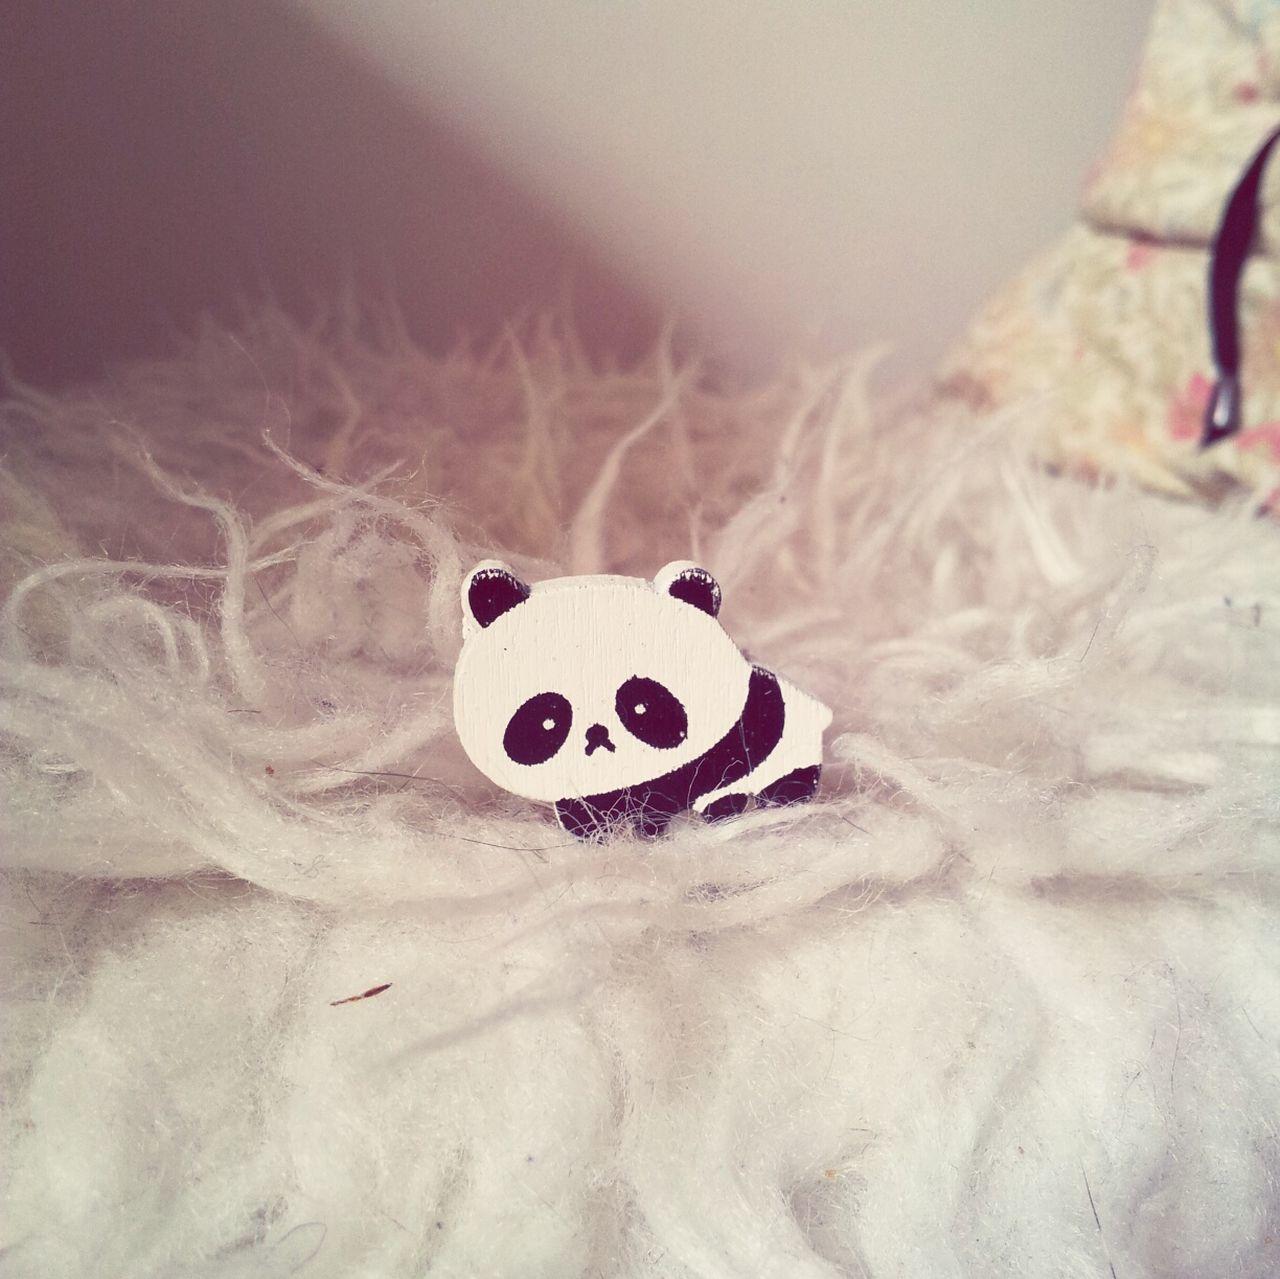 Mr. Panda is sad! Panda Macro Things Cute